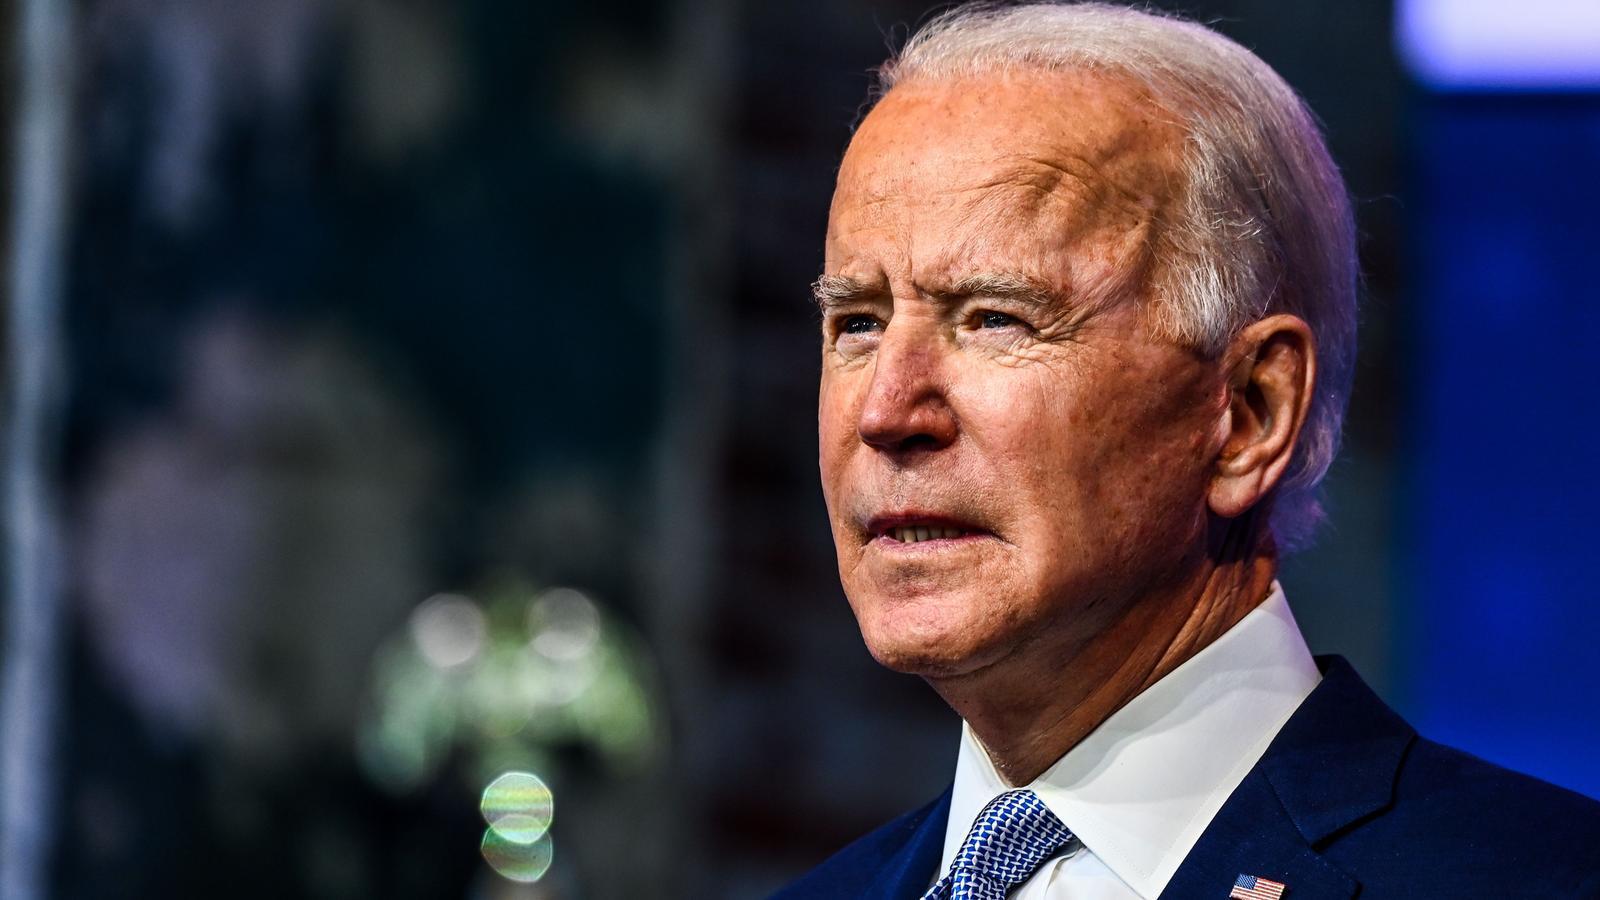 El president electe dels Estats Units, Joe Biden